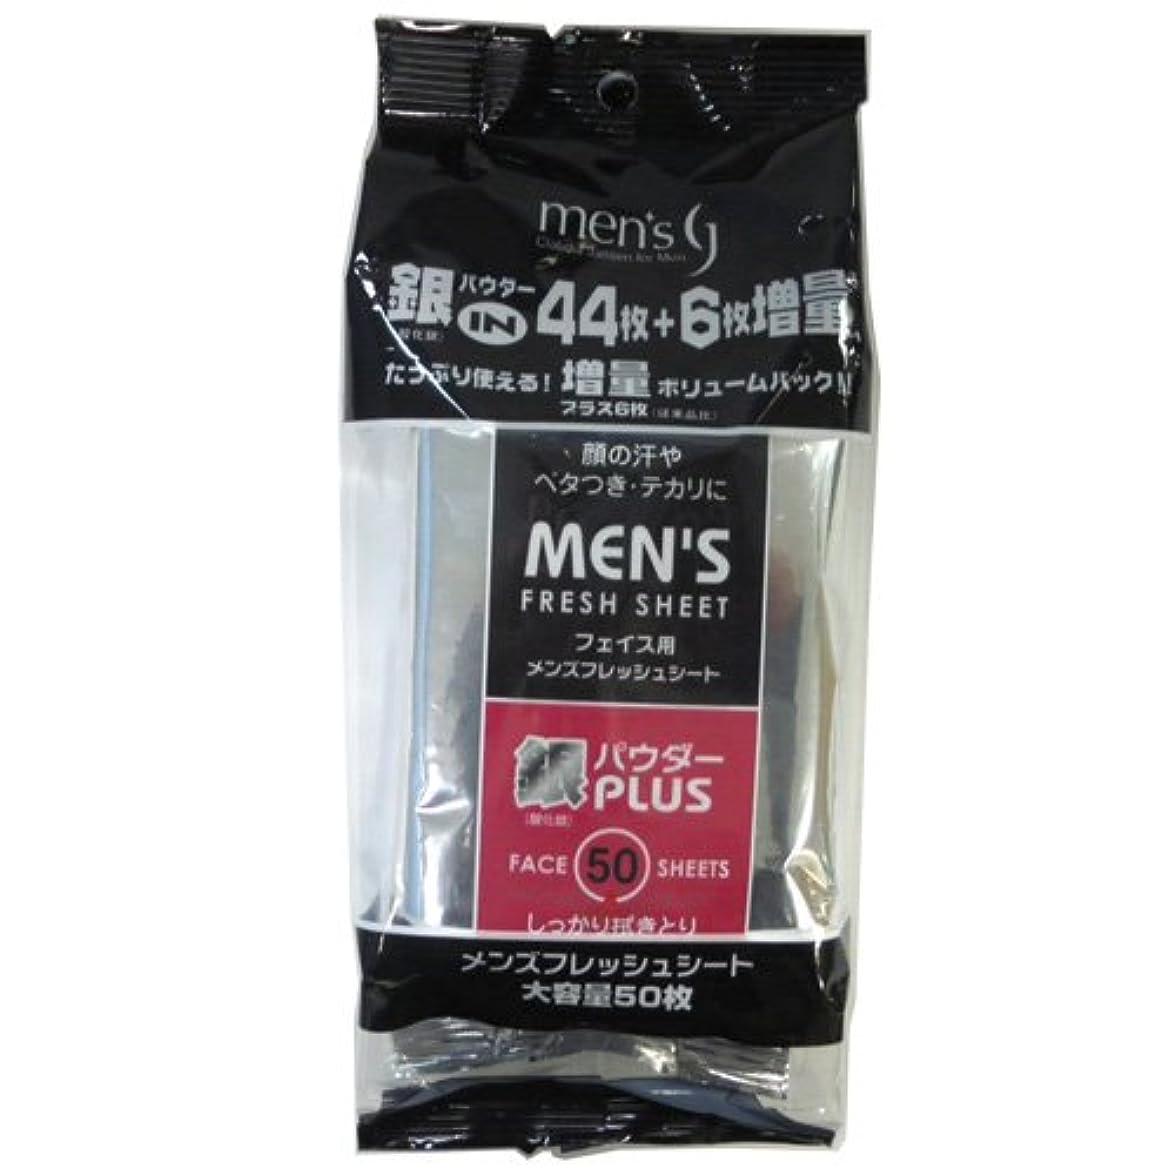 甘やかす満たす限りなくメンズフレッシュシート 大容量50枚銀パウダーIN44枚+6枚増量顔や汗やベタつき?テカリに制汗対策フェイシャルペーパー for Men